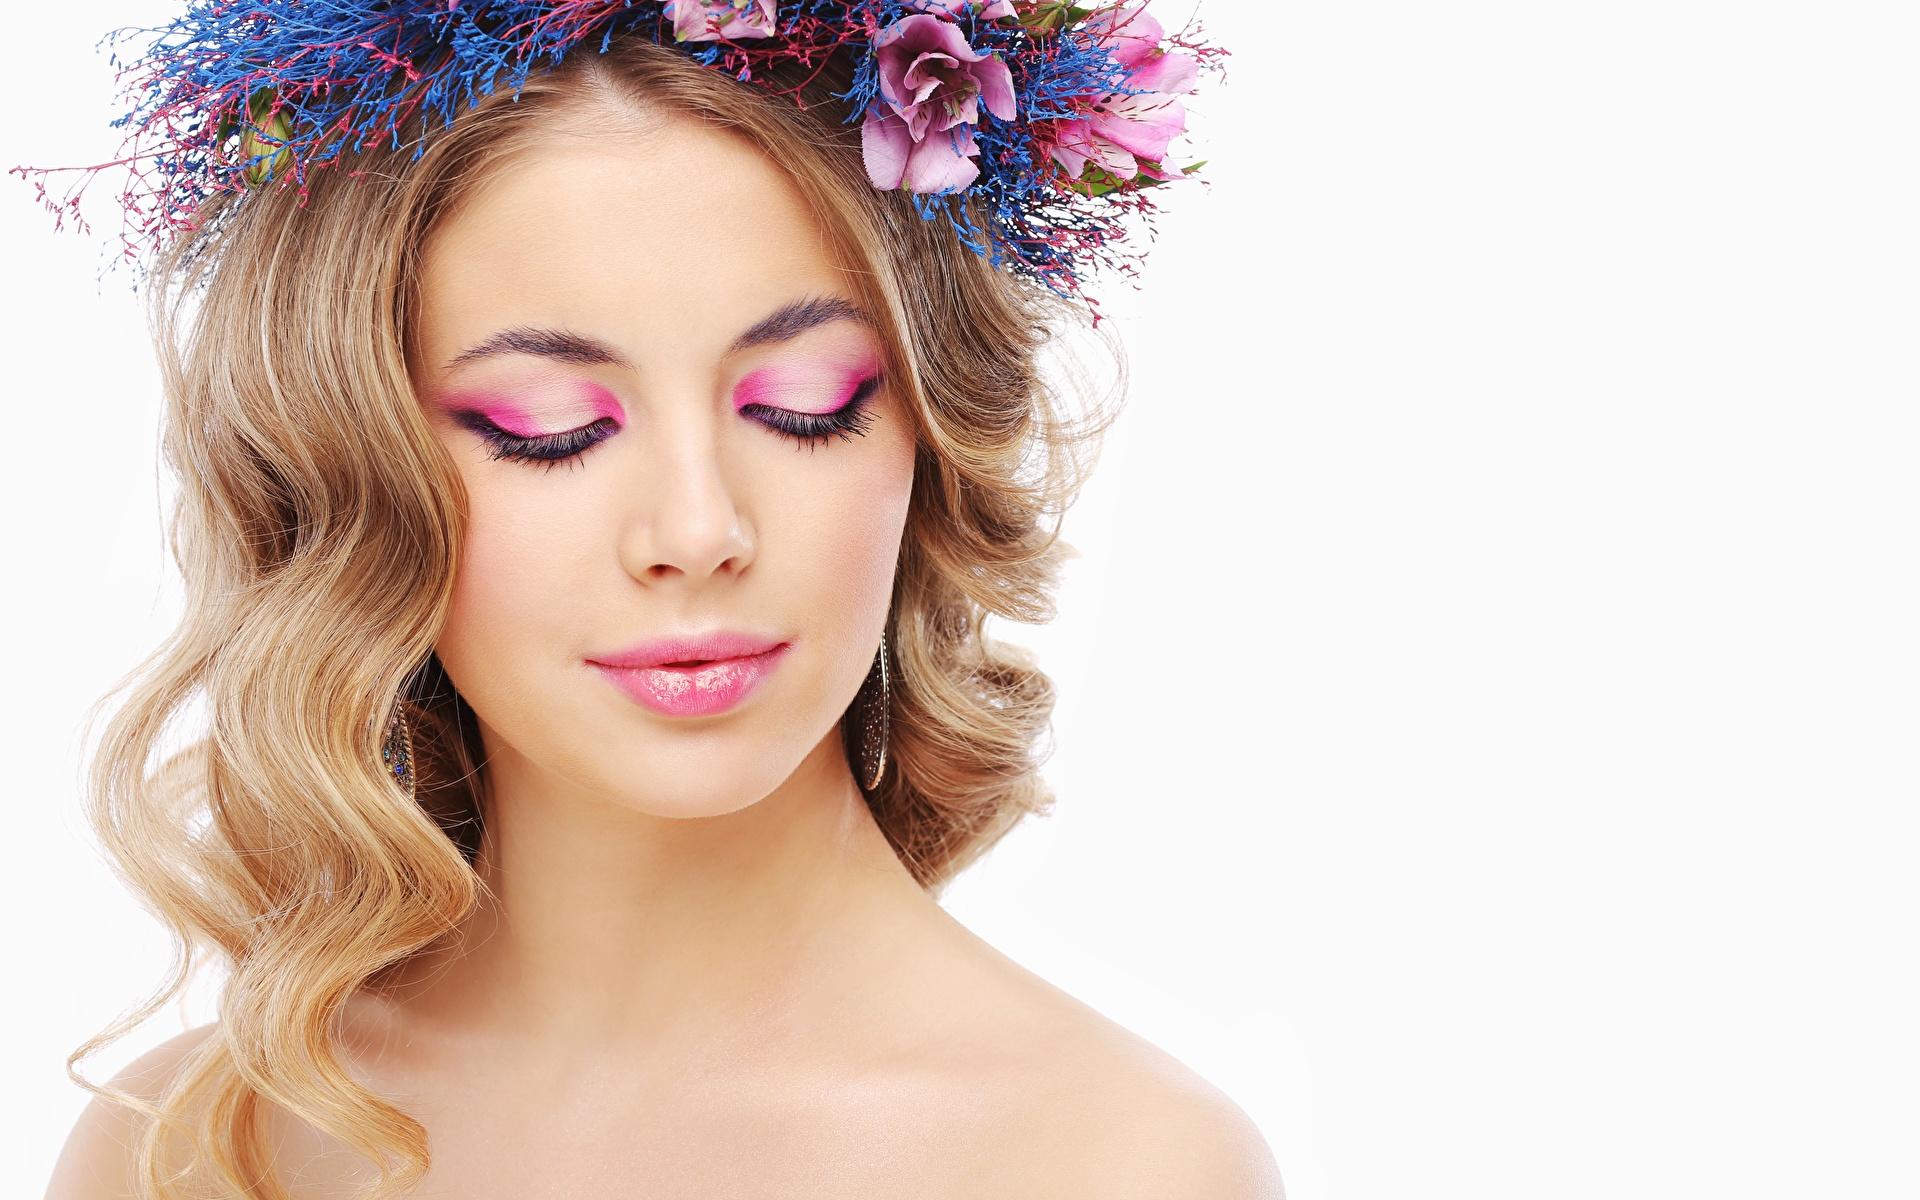 Bilder Model Schminke Schön Haar Kranz junge frau Weißer hintergrund 1920x1200 Make Up hübsch schöne hübsche schöner schönes hübscher Mädchens junge Frauen